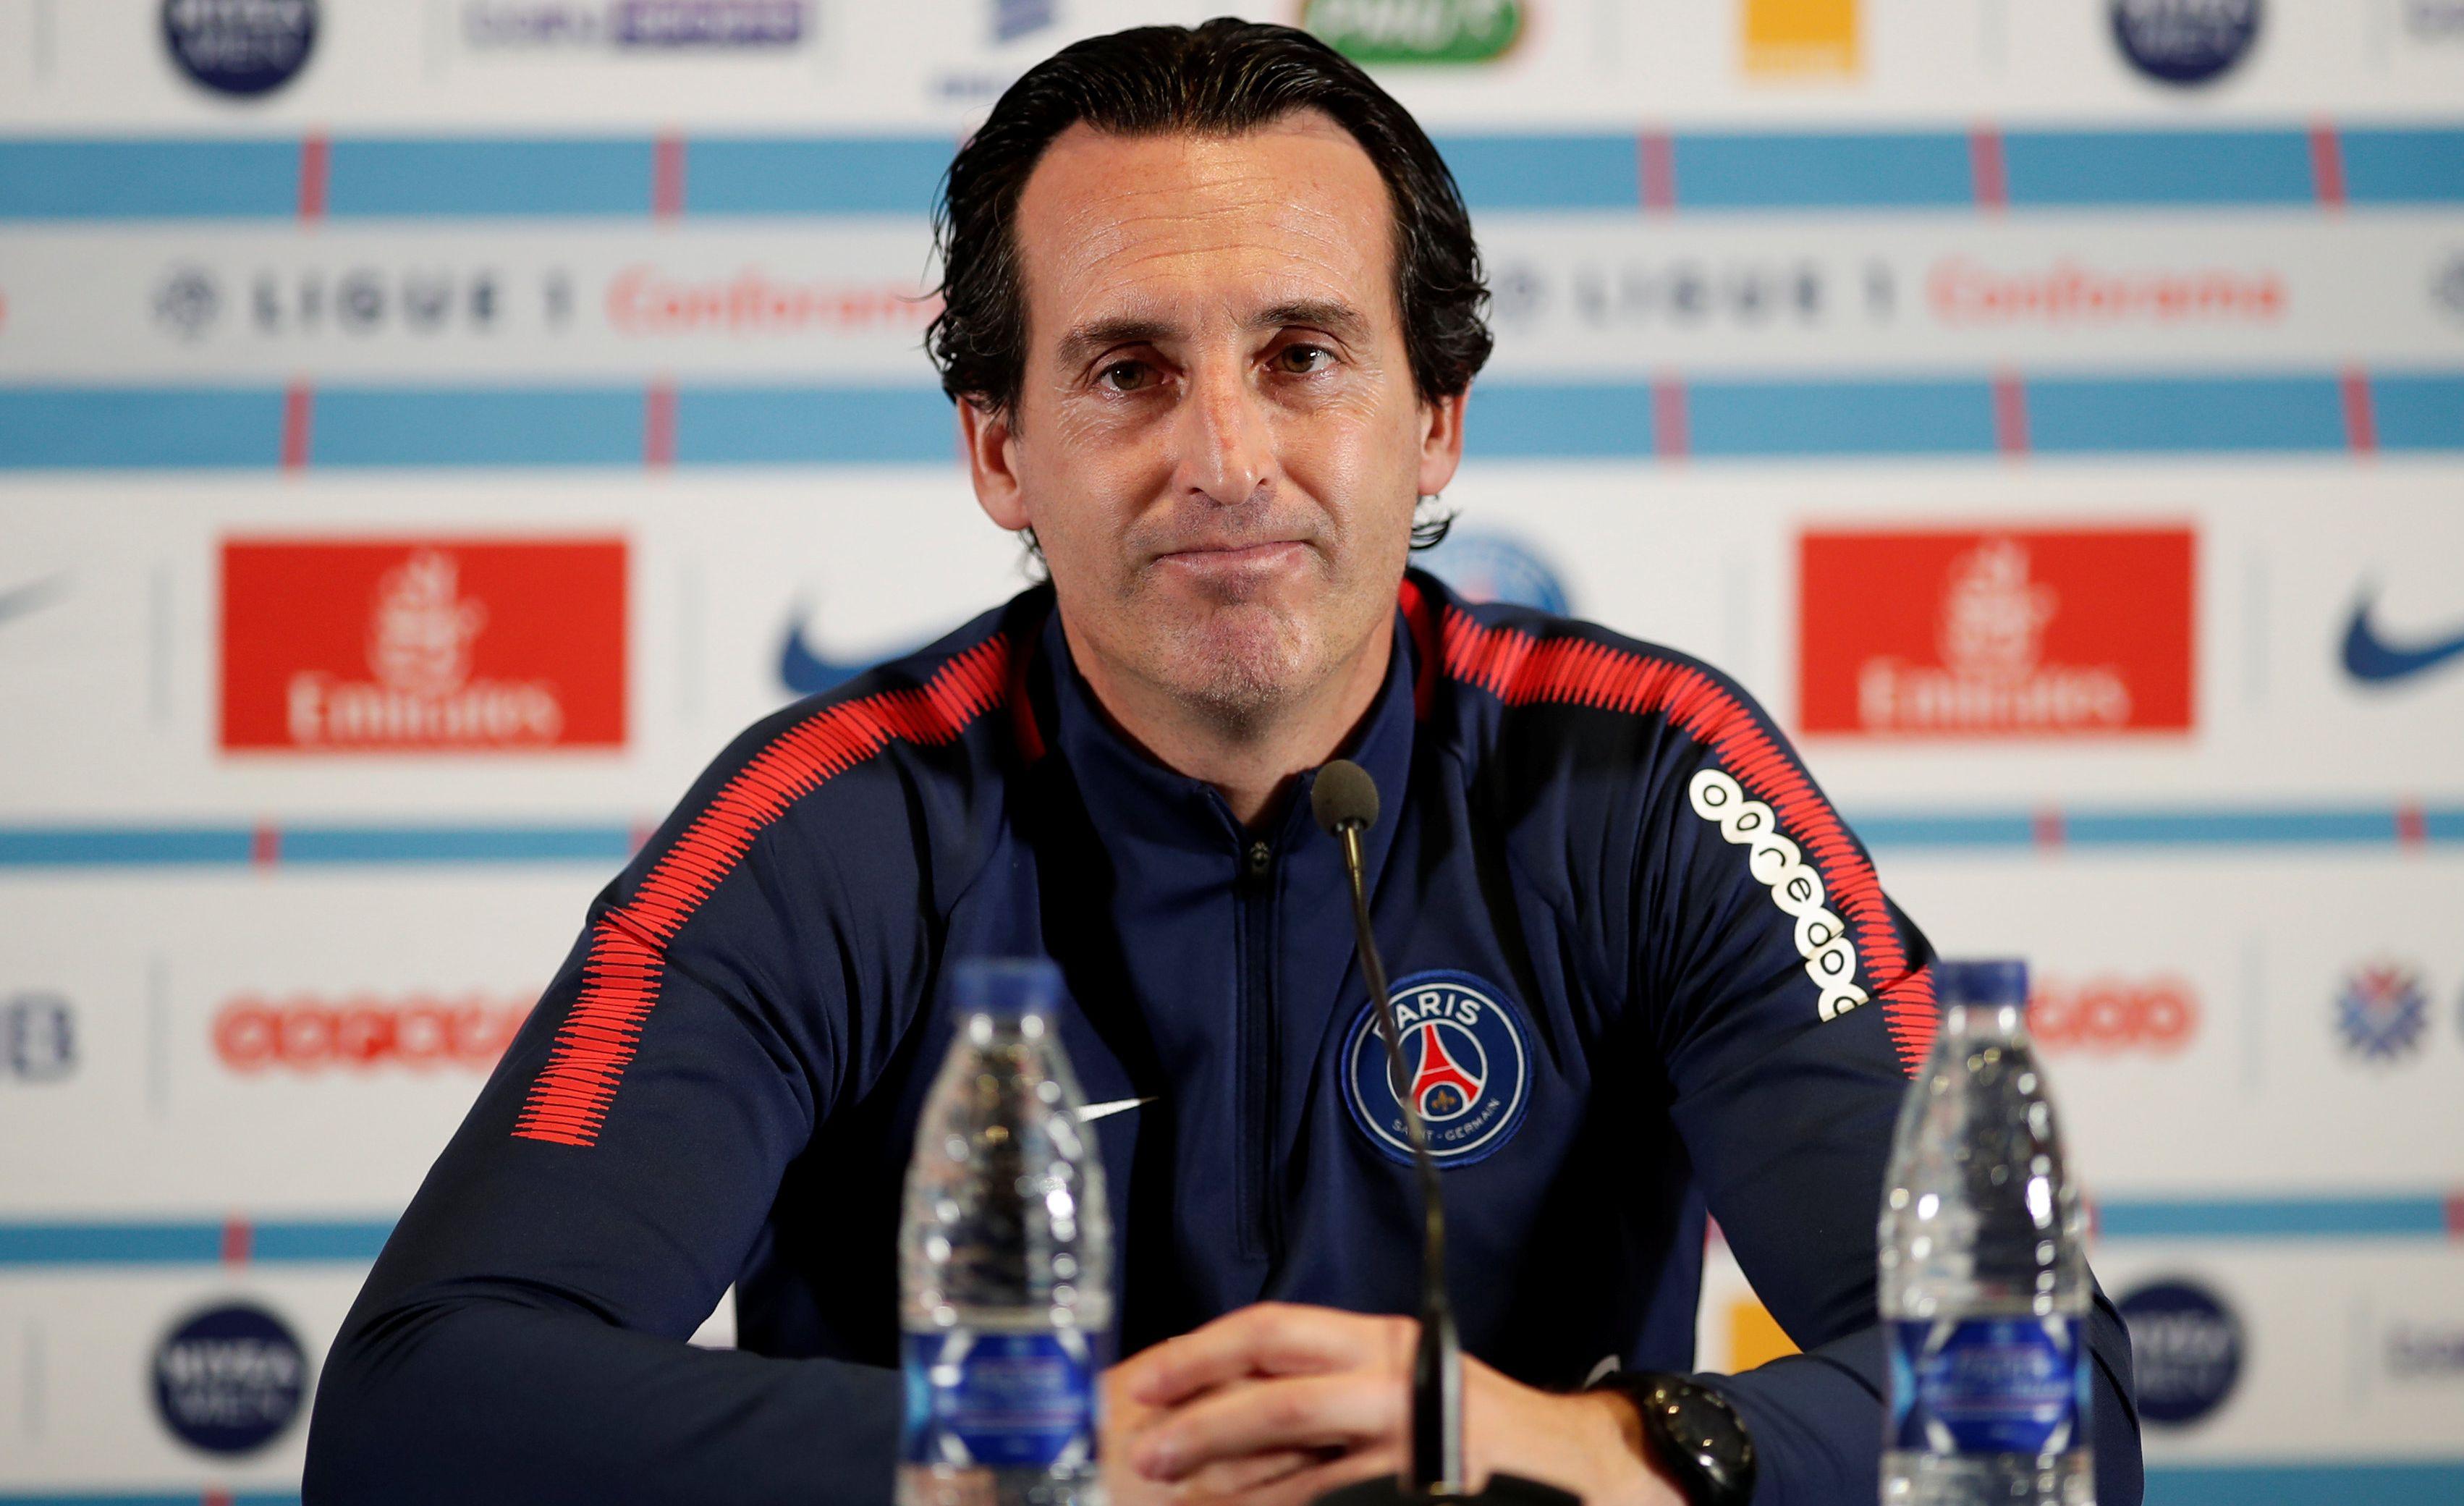 Football - Transferts - PSG : Emery veut un milieu défensif au mercato